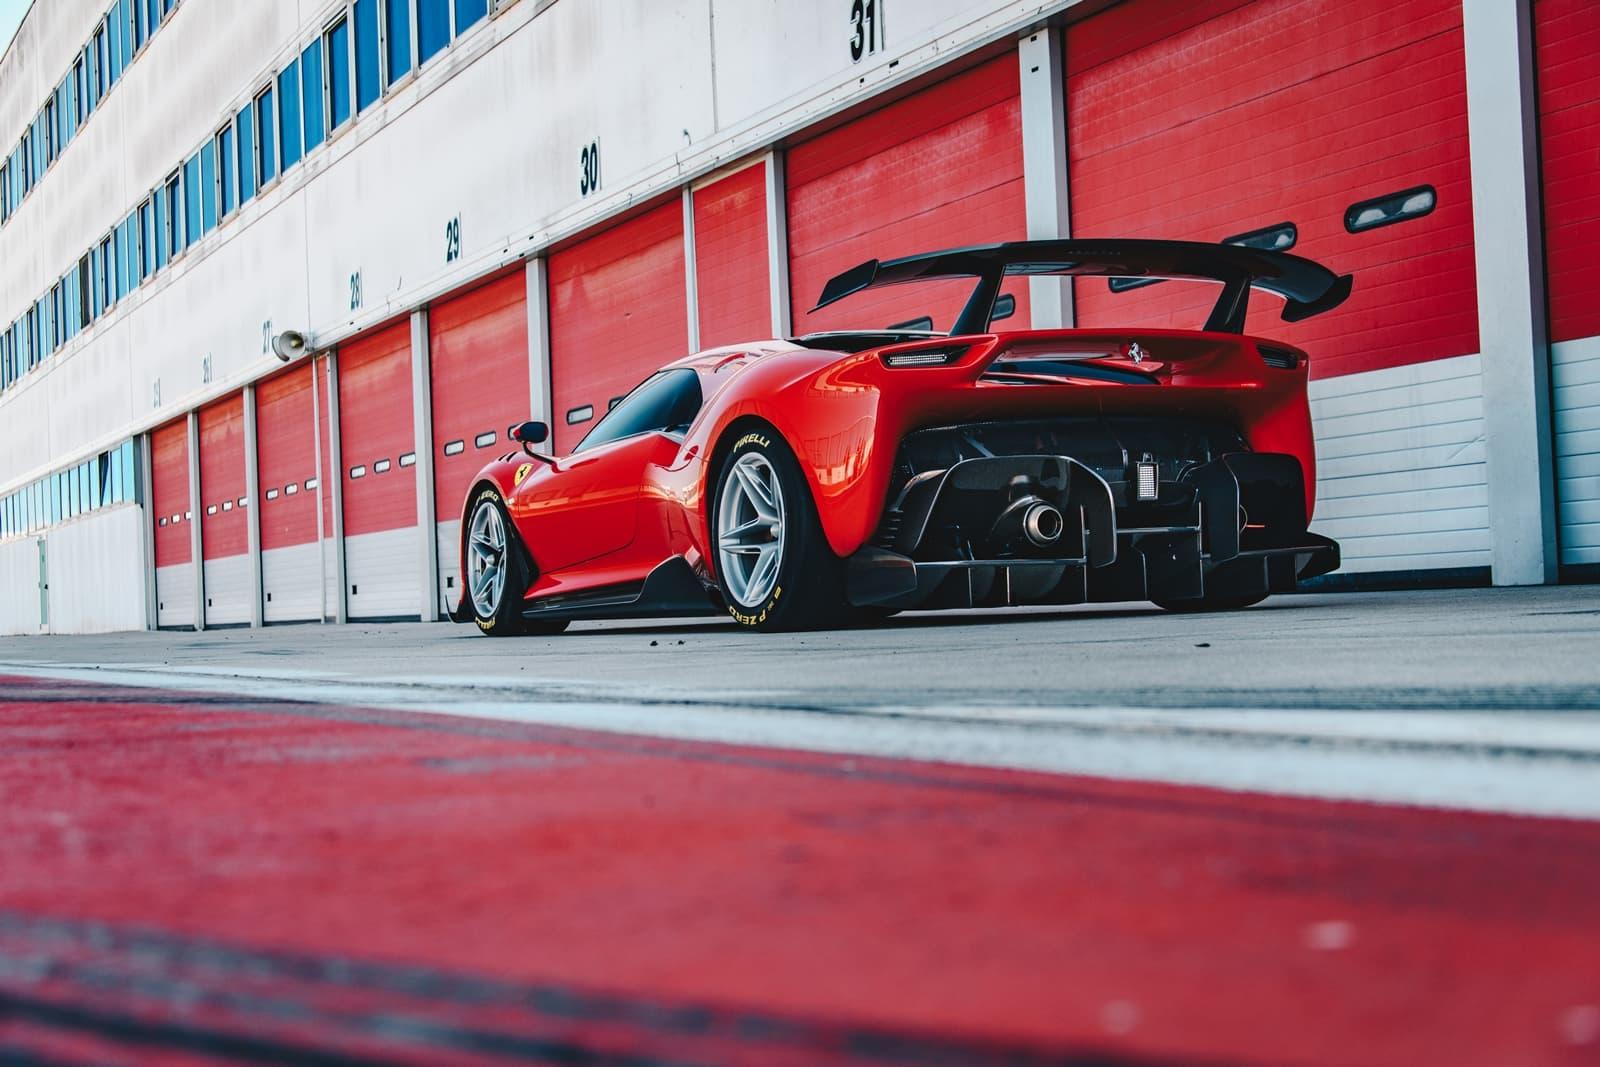 Ferrari P80c 2019 0319 010